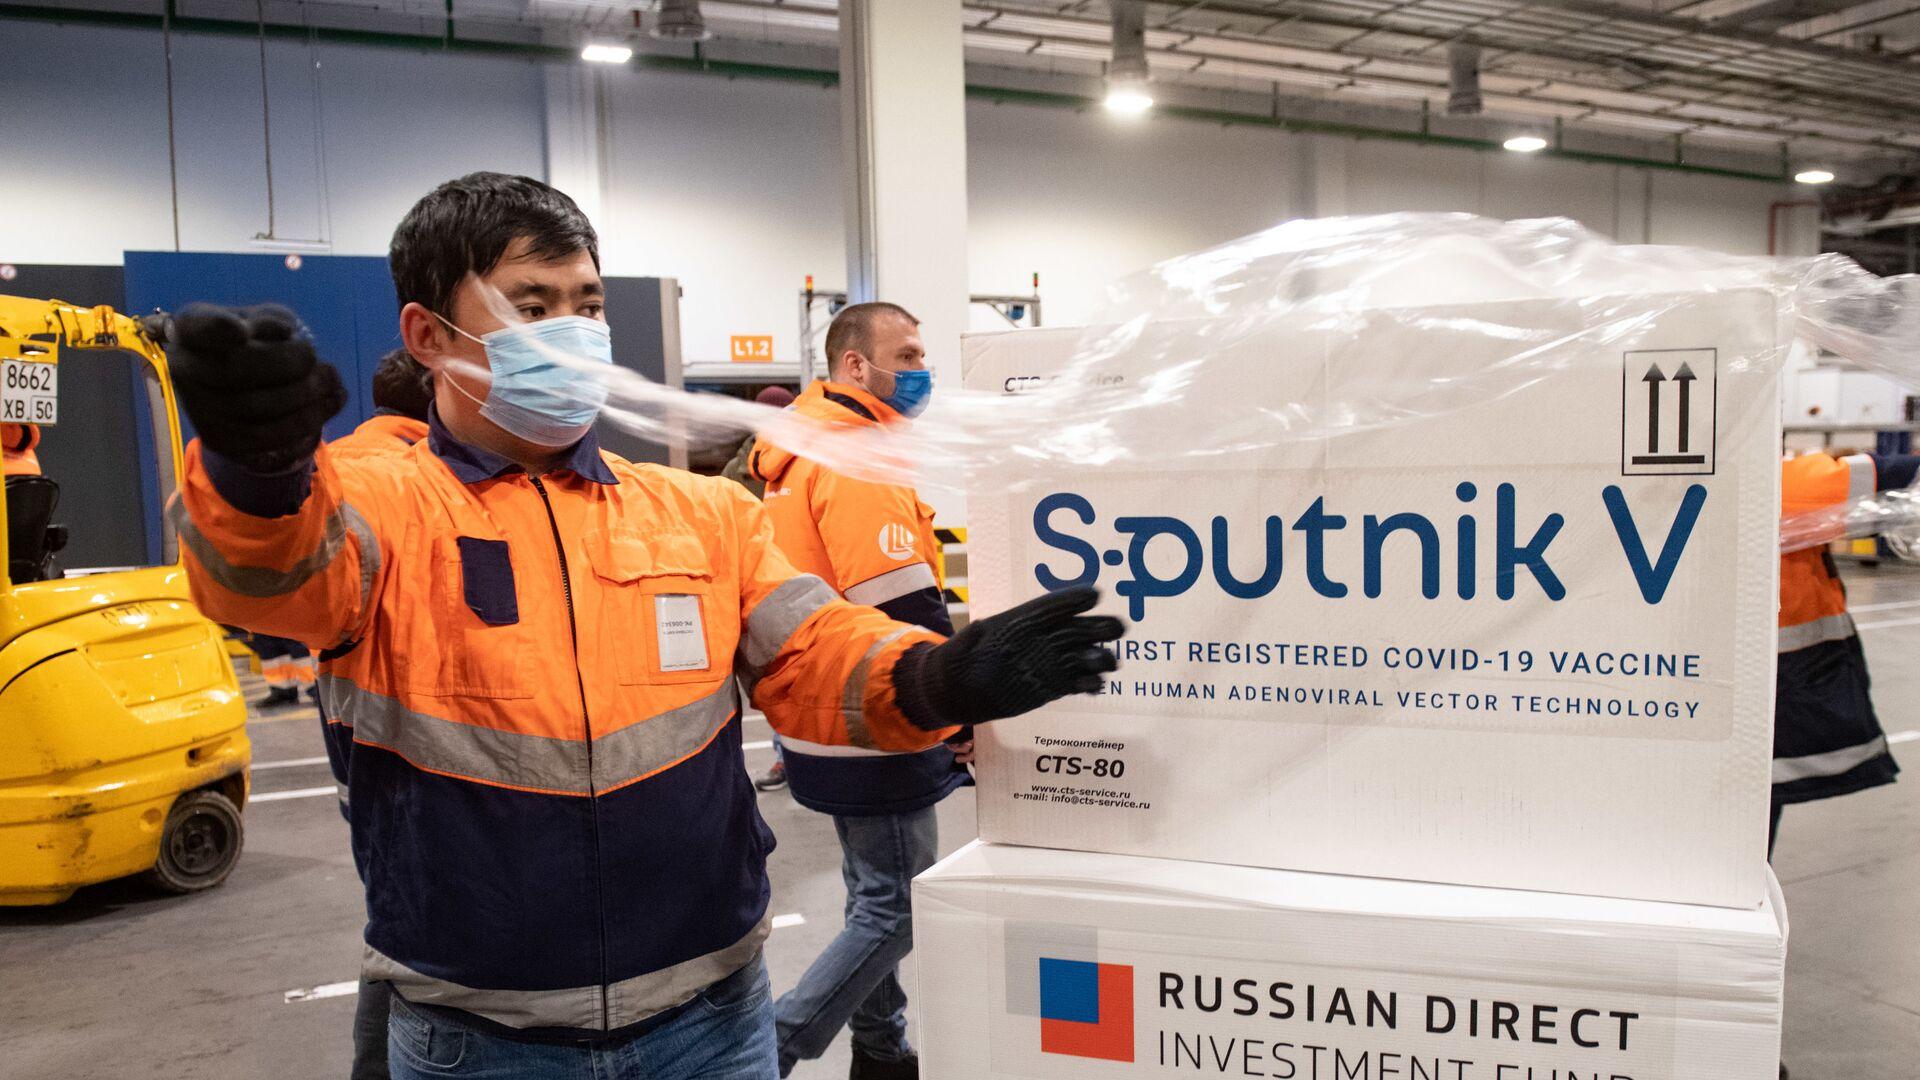 Dostawa szczepionki Sputnik V do terminalu Moscow Cargo na lotnisku Szeremietiewo. - Sputnik Polska, 1920, 10.06.2021